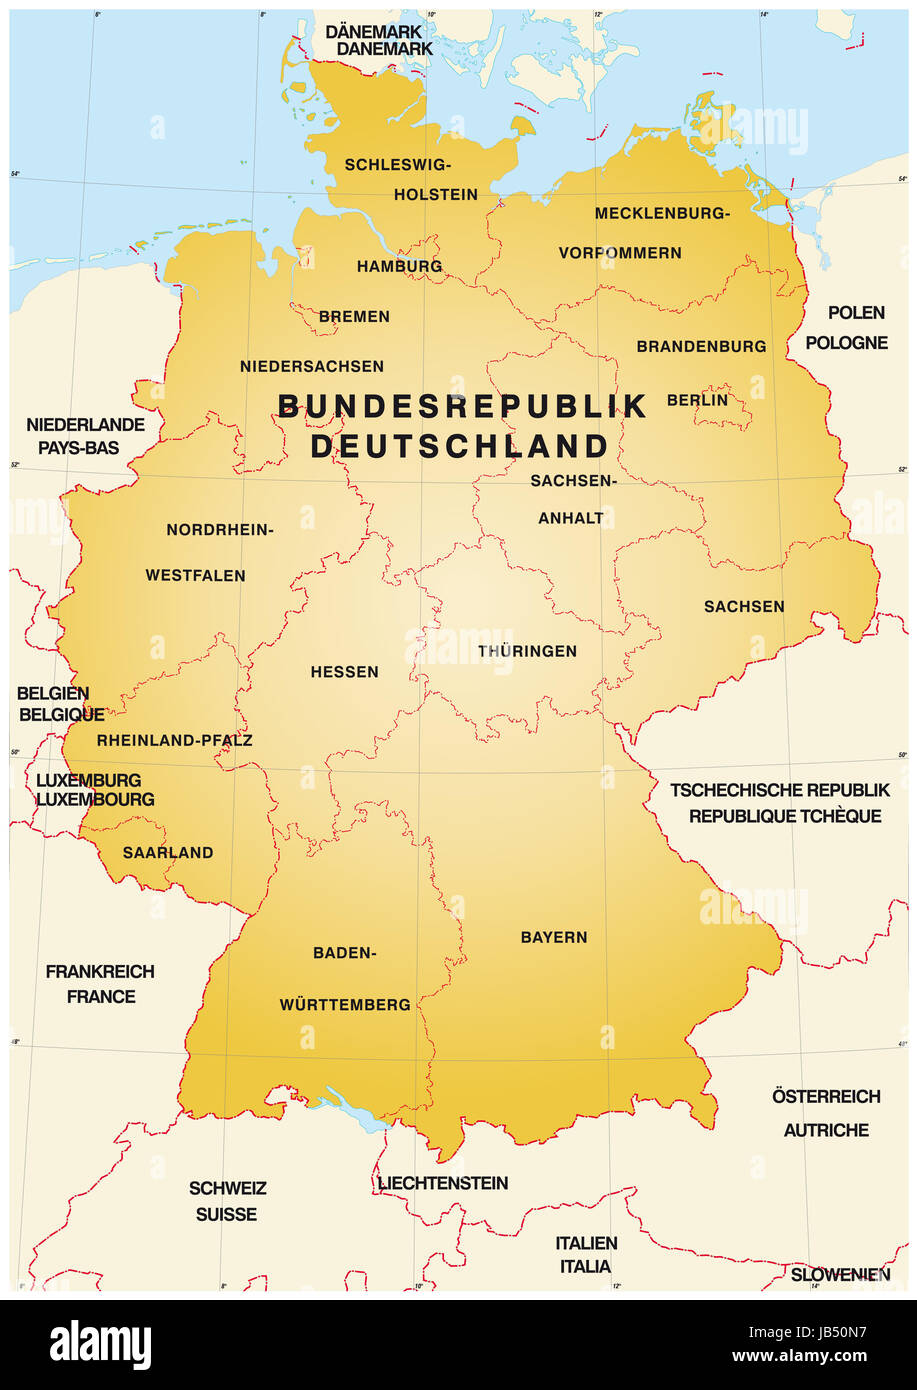 landkarte deutschland und nachbarländer Die Karte enthält die deutschen Bundesländer und die Nachbarländer